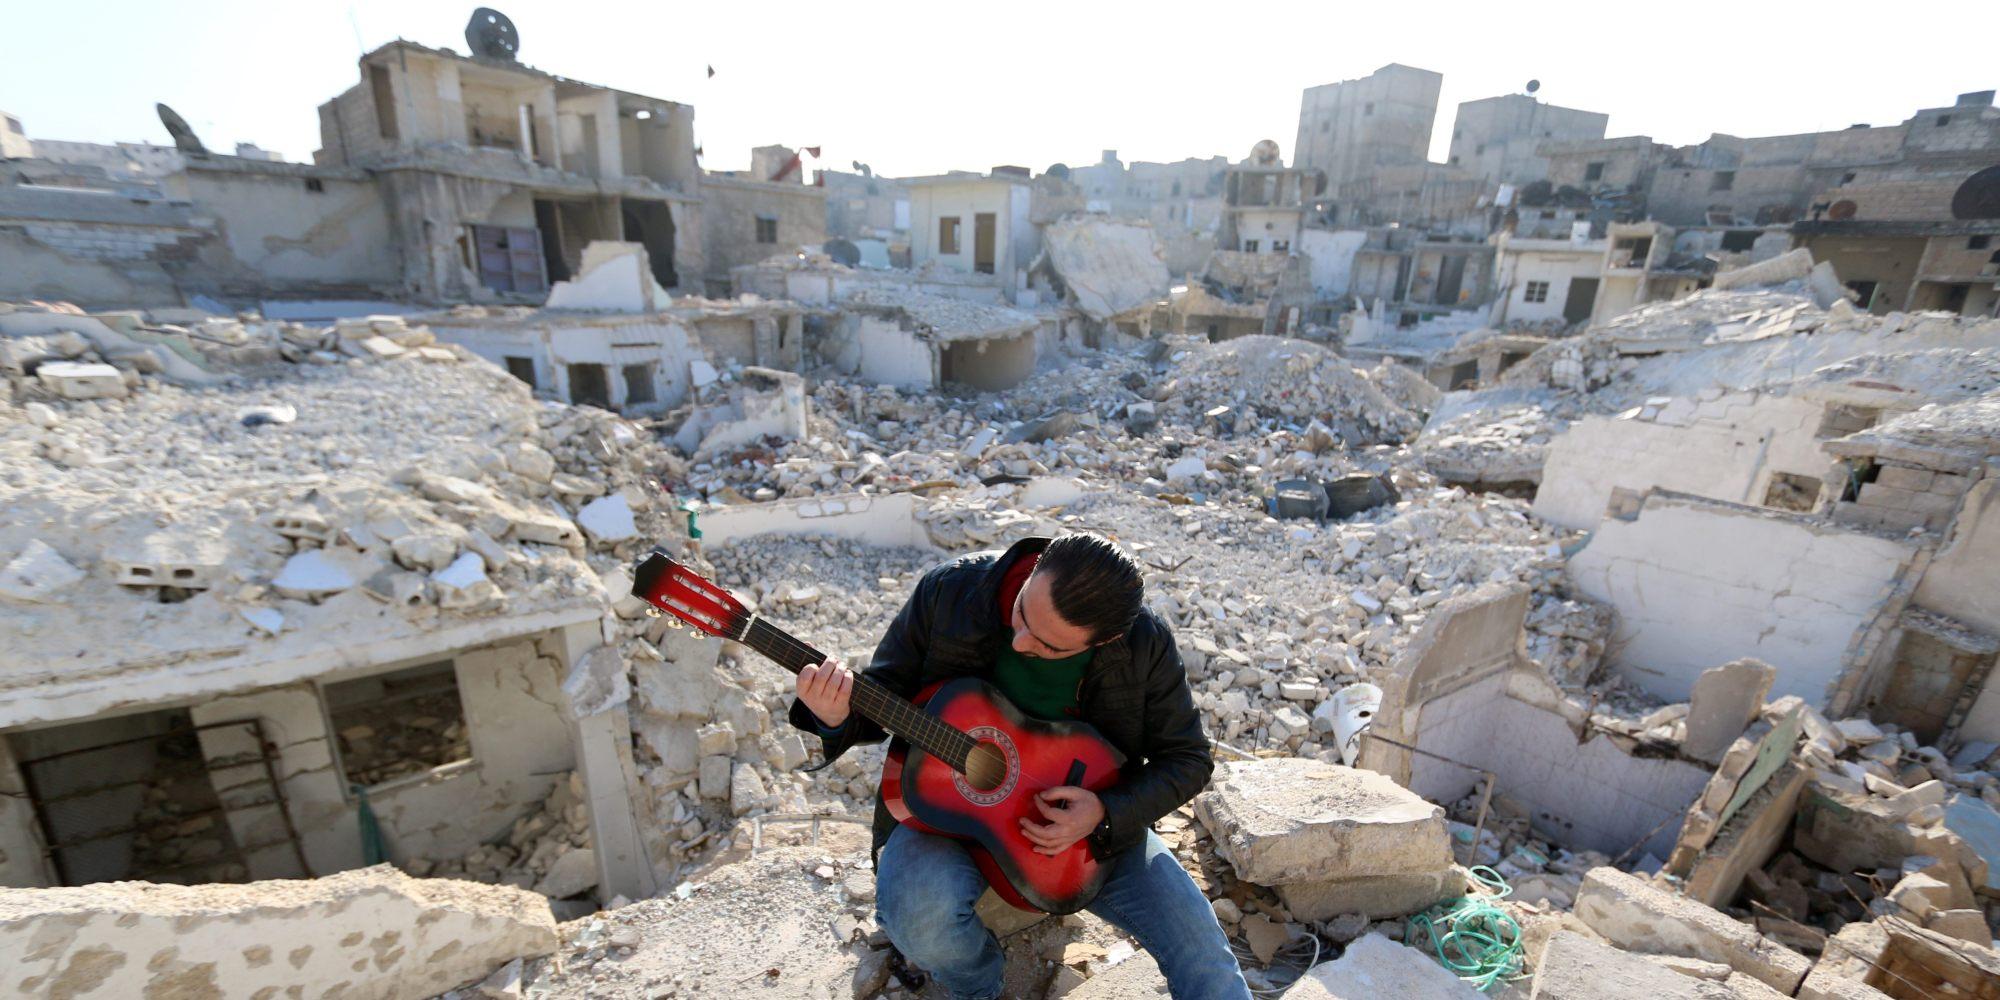 صورة واهم من يعتقد ان الوضع السوري إلى انفراج